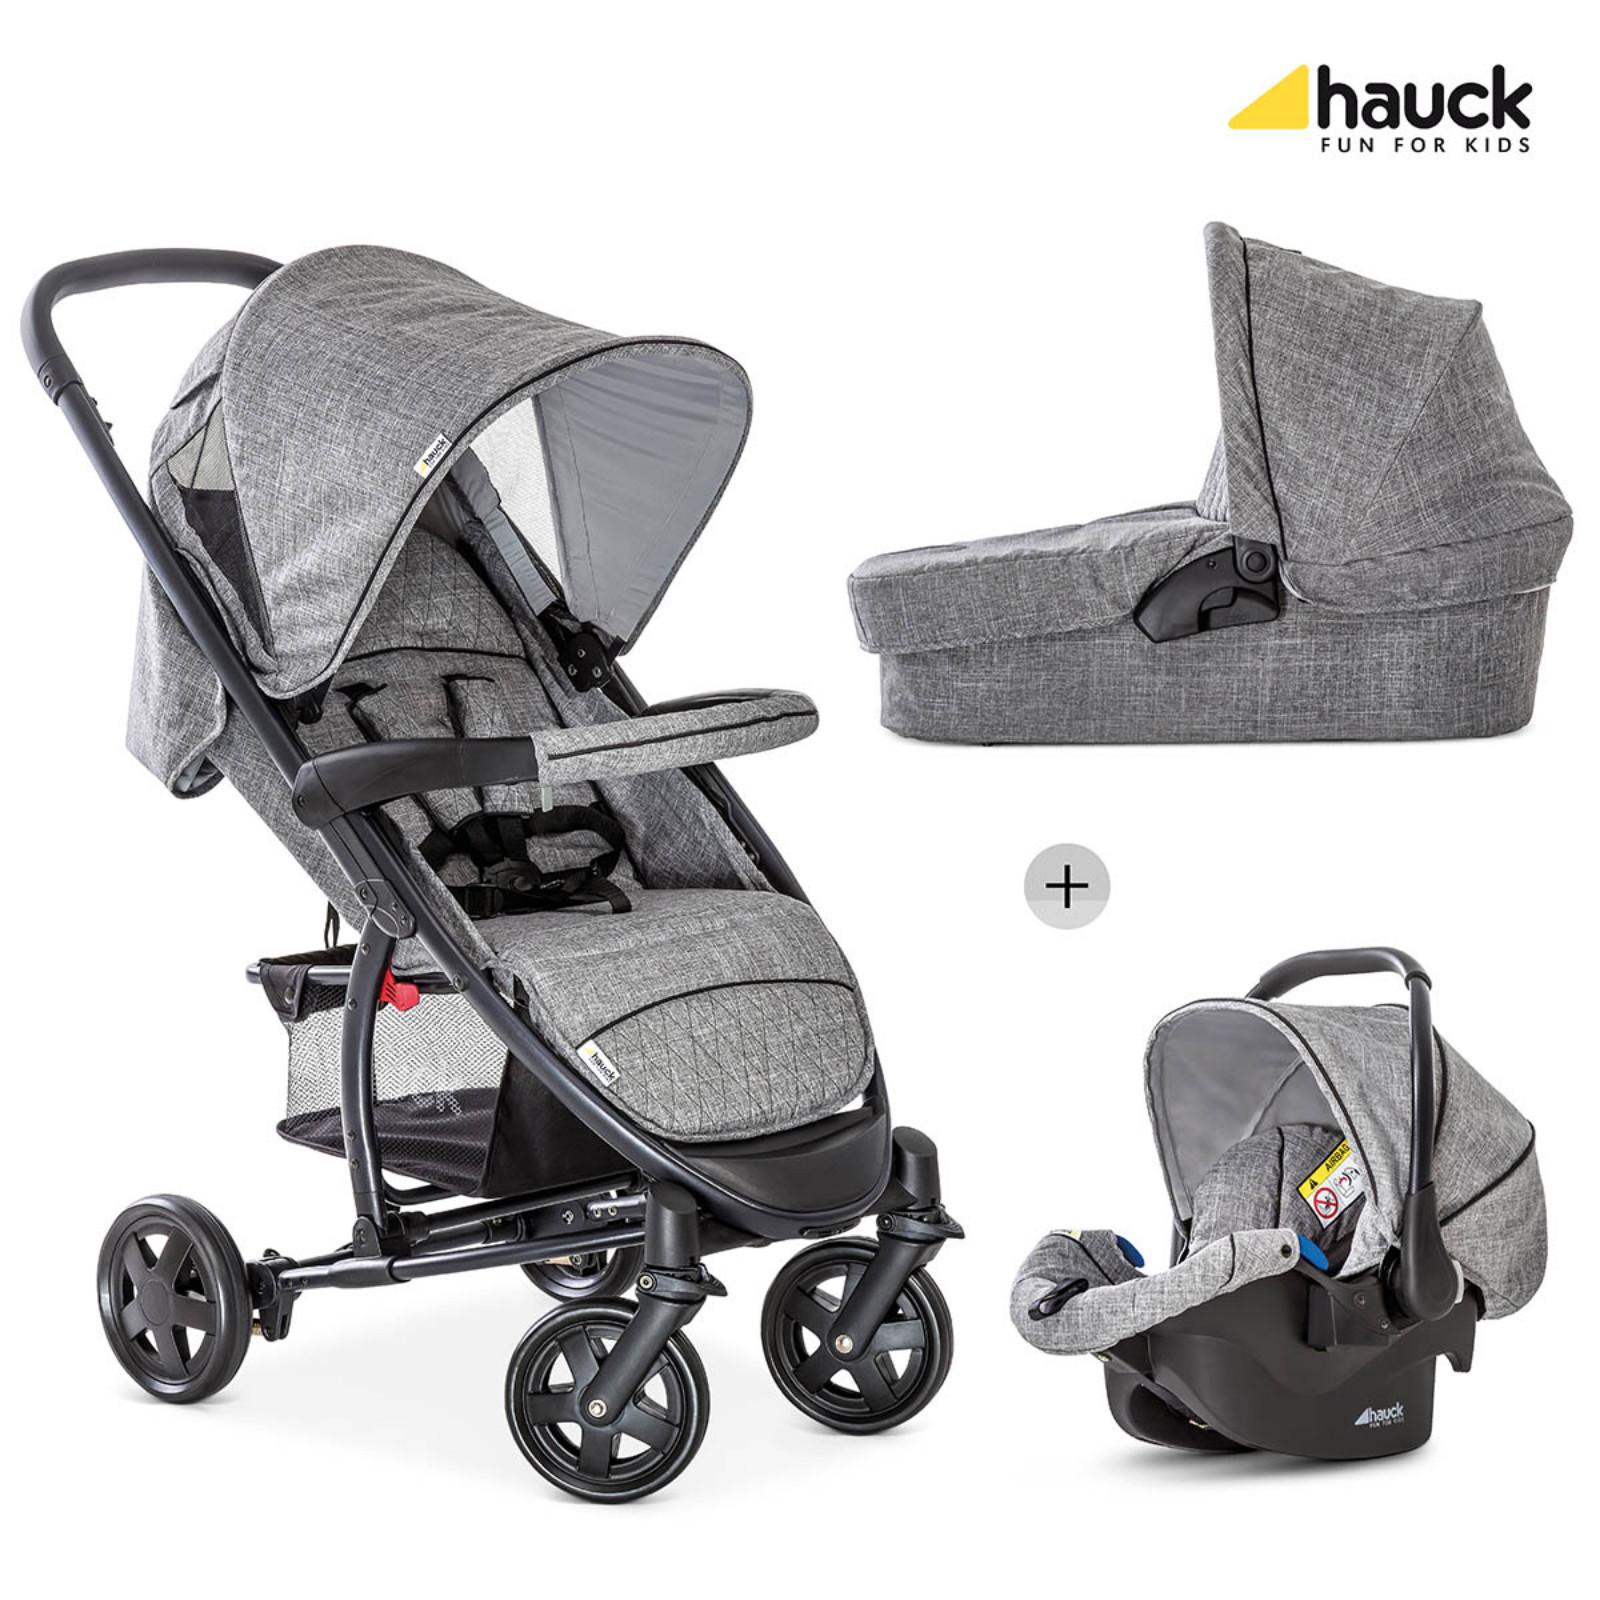 hauck malibu 4 trio set travel system melange grey buy at online4baby. Black Bedroom Furniture Sets. Home Design Ideas